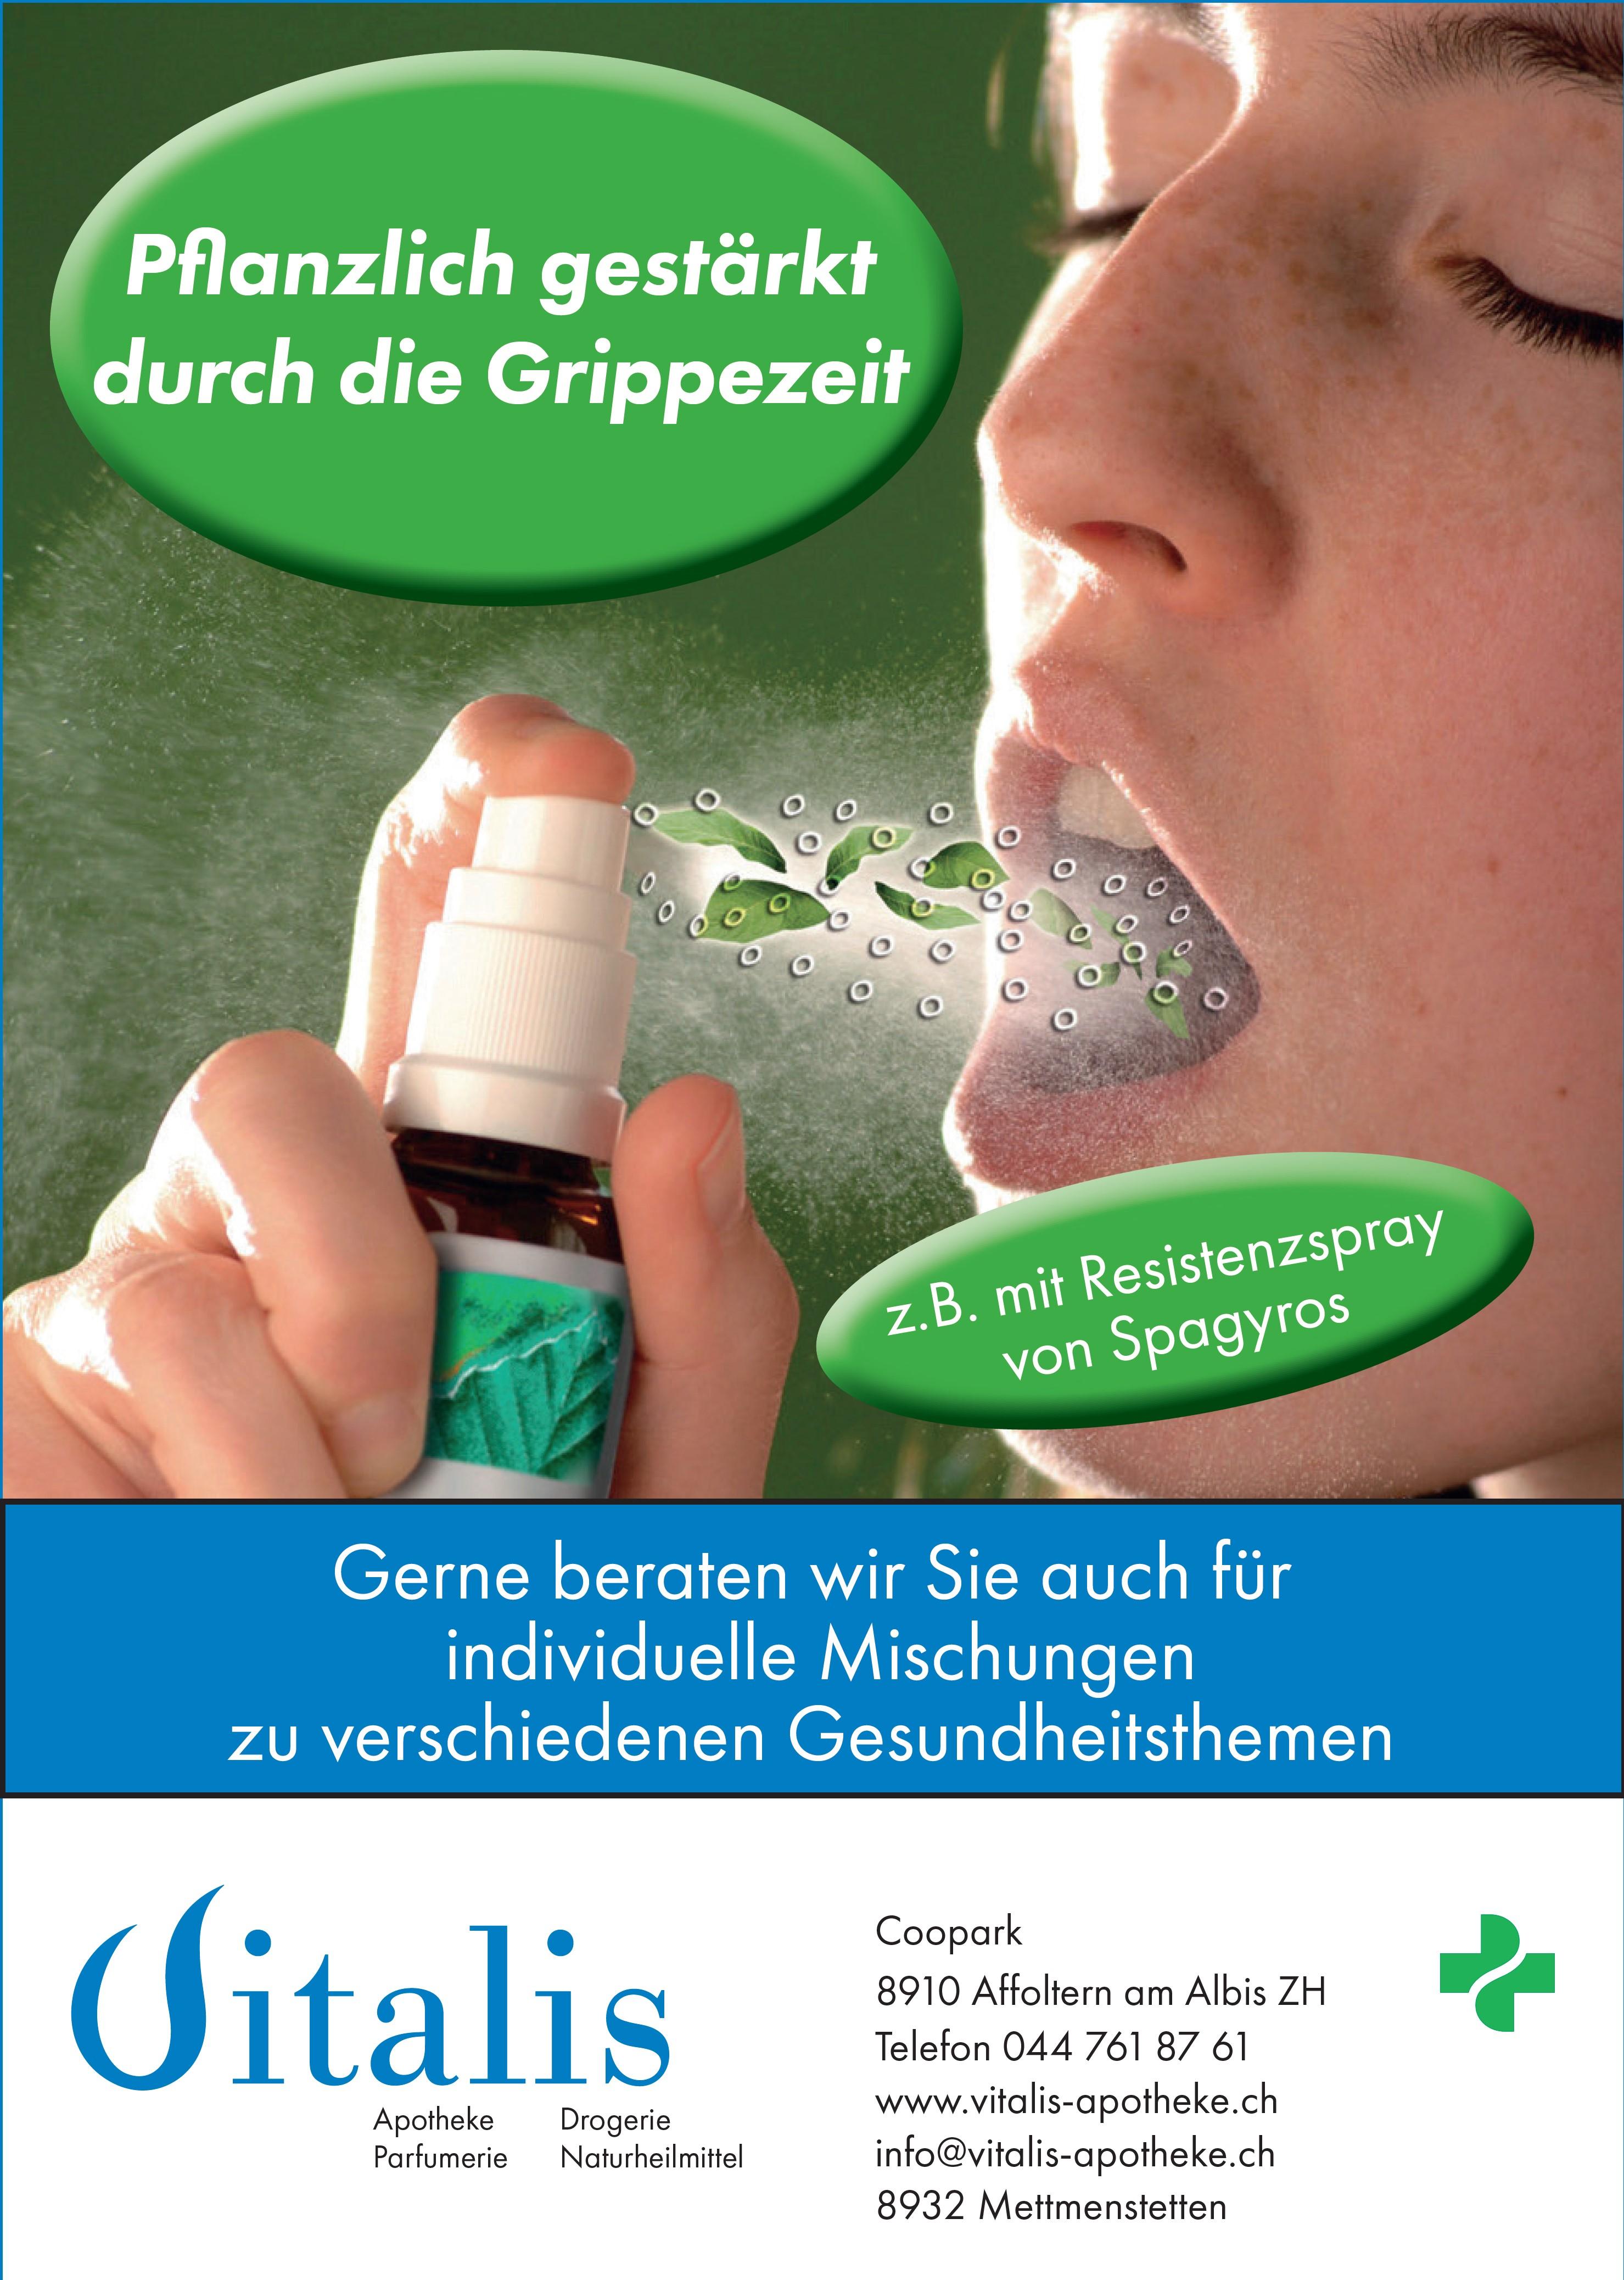 Vitalis Apotheke Drogerie Parfümerie